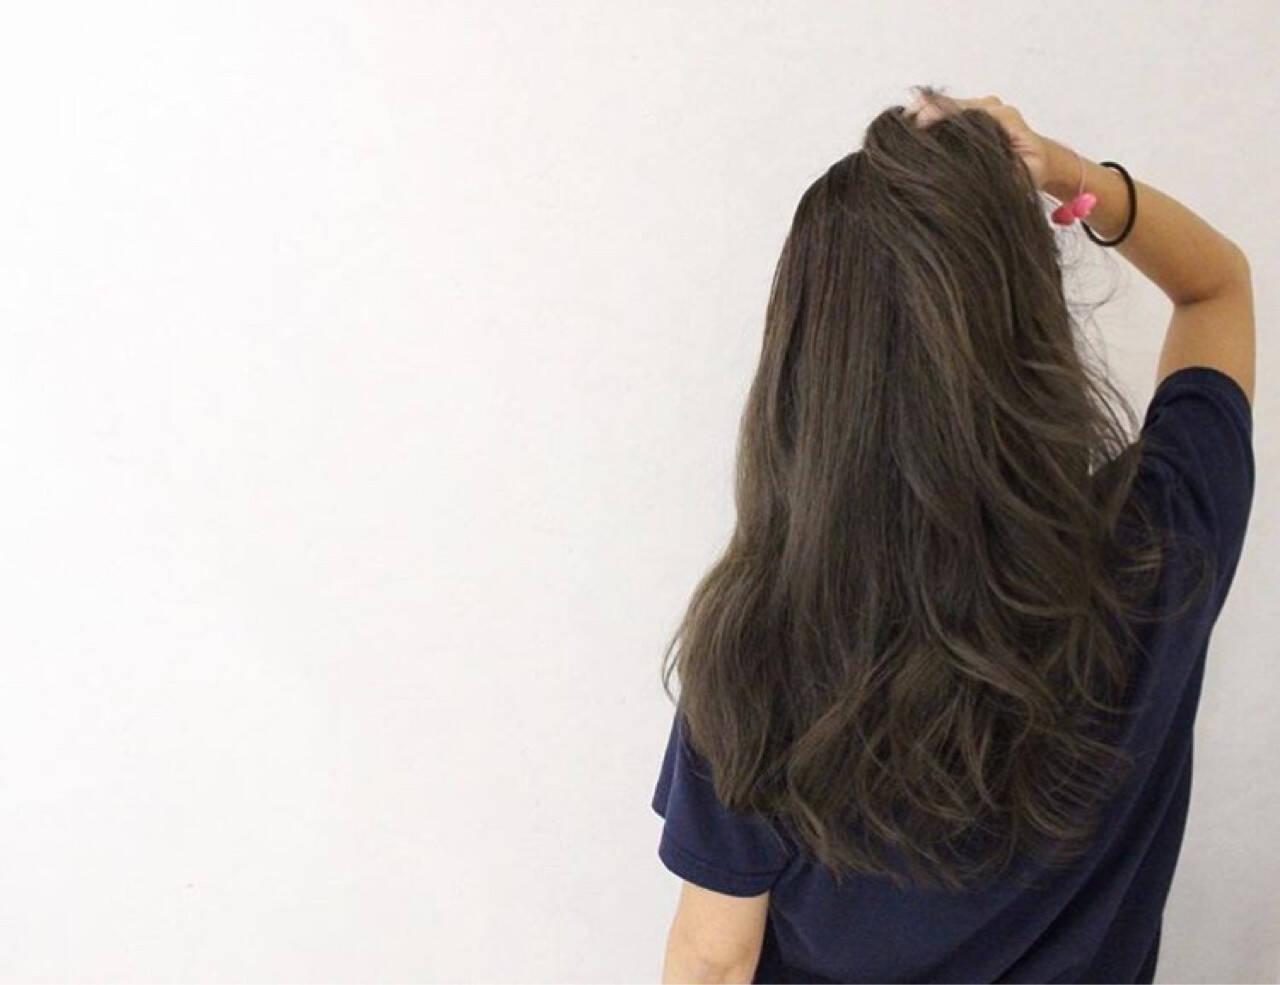 グラデーションカラー ウェーブ ロング ハイライトヘアスタイルや髪型の写真・画像